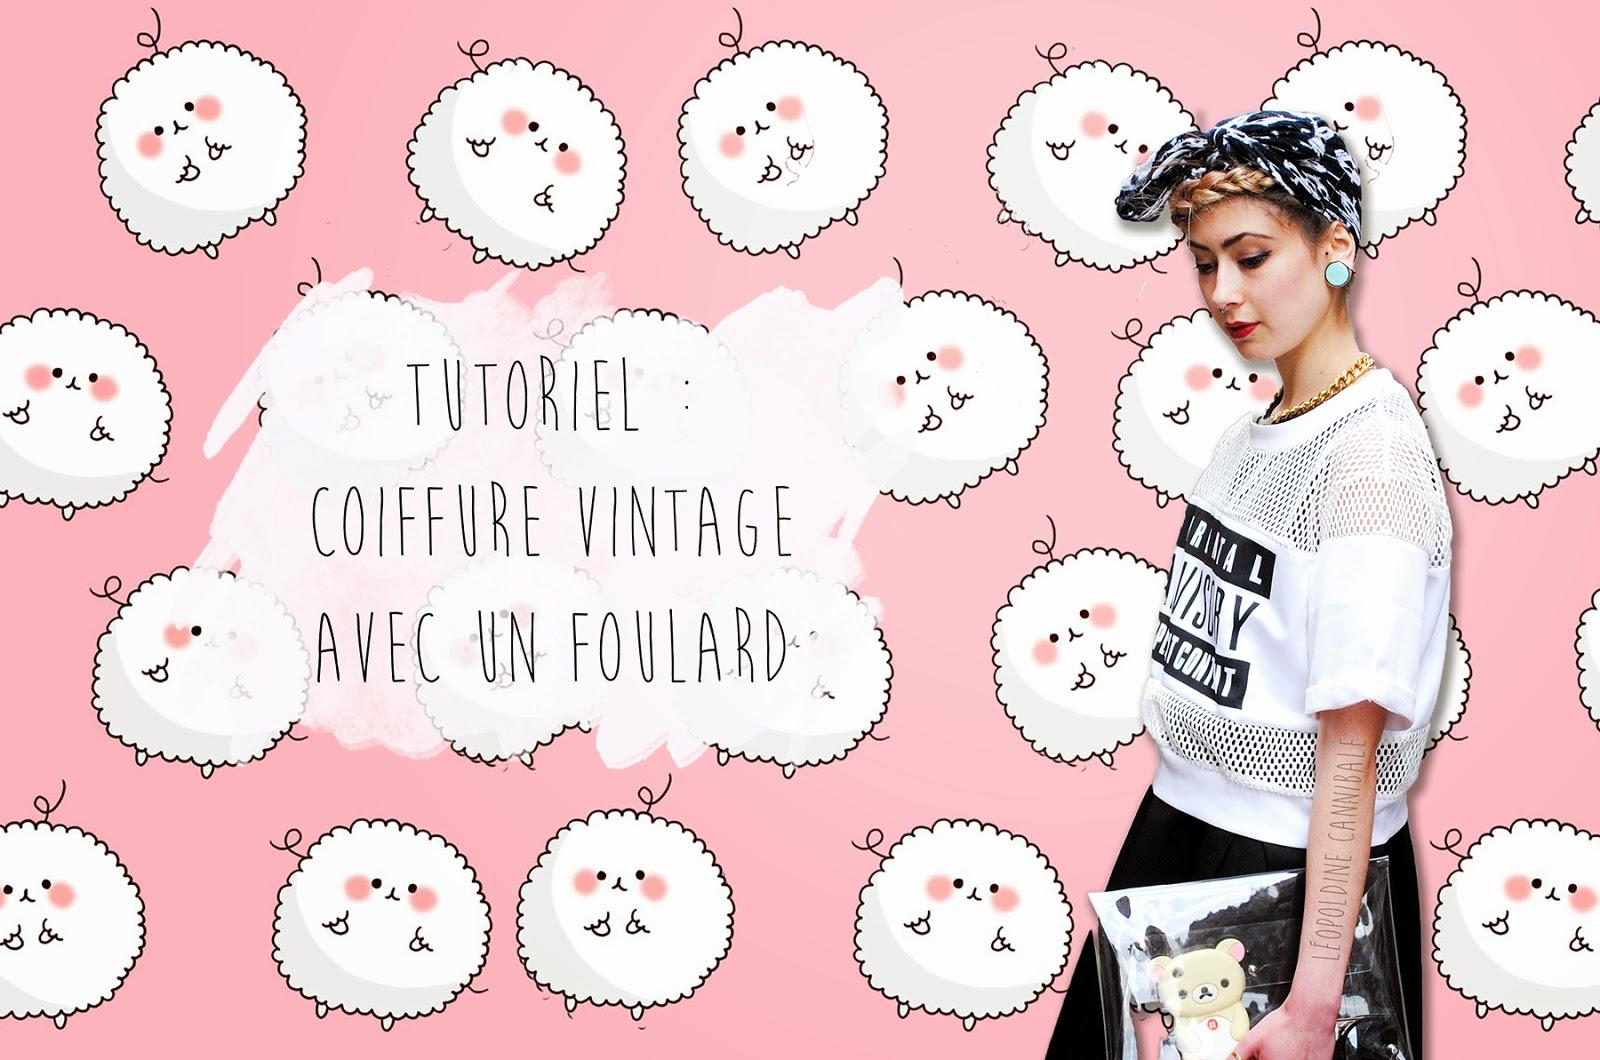 Cannibalecore Le Blog Tuto Coiffure Vintage Avec Un Foulard